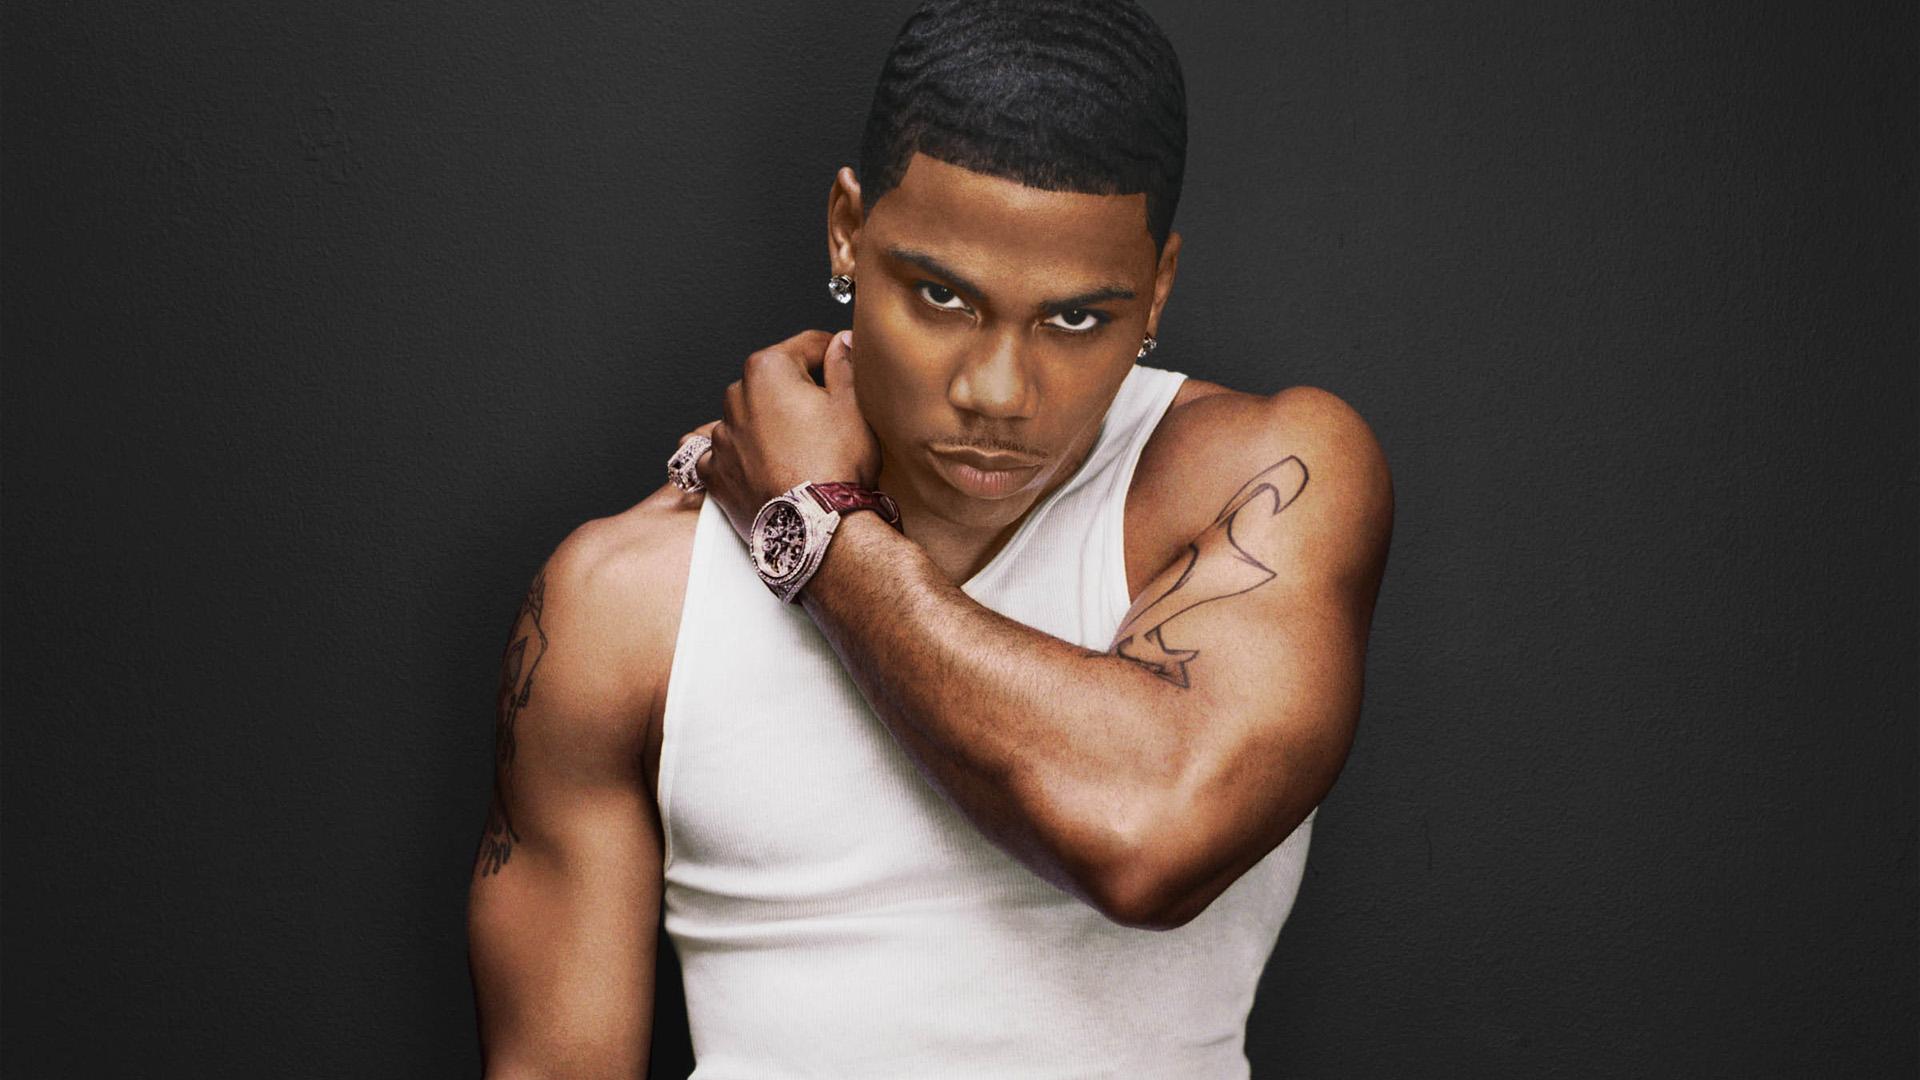 Nelly Speaks On Drug Arrest